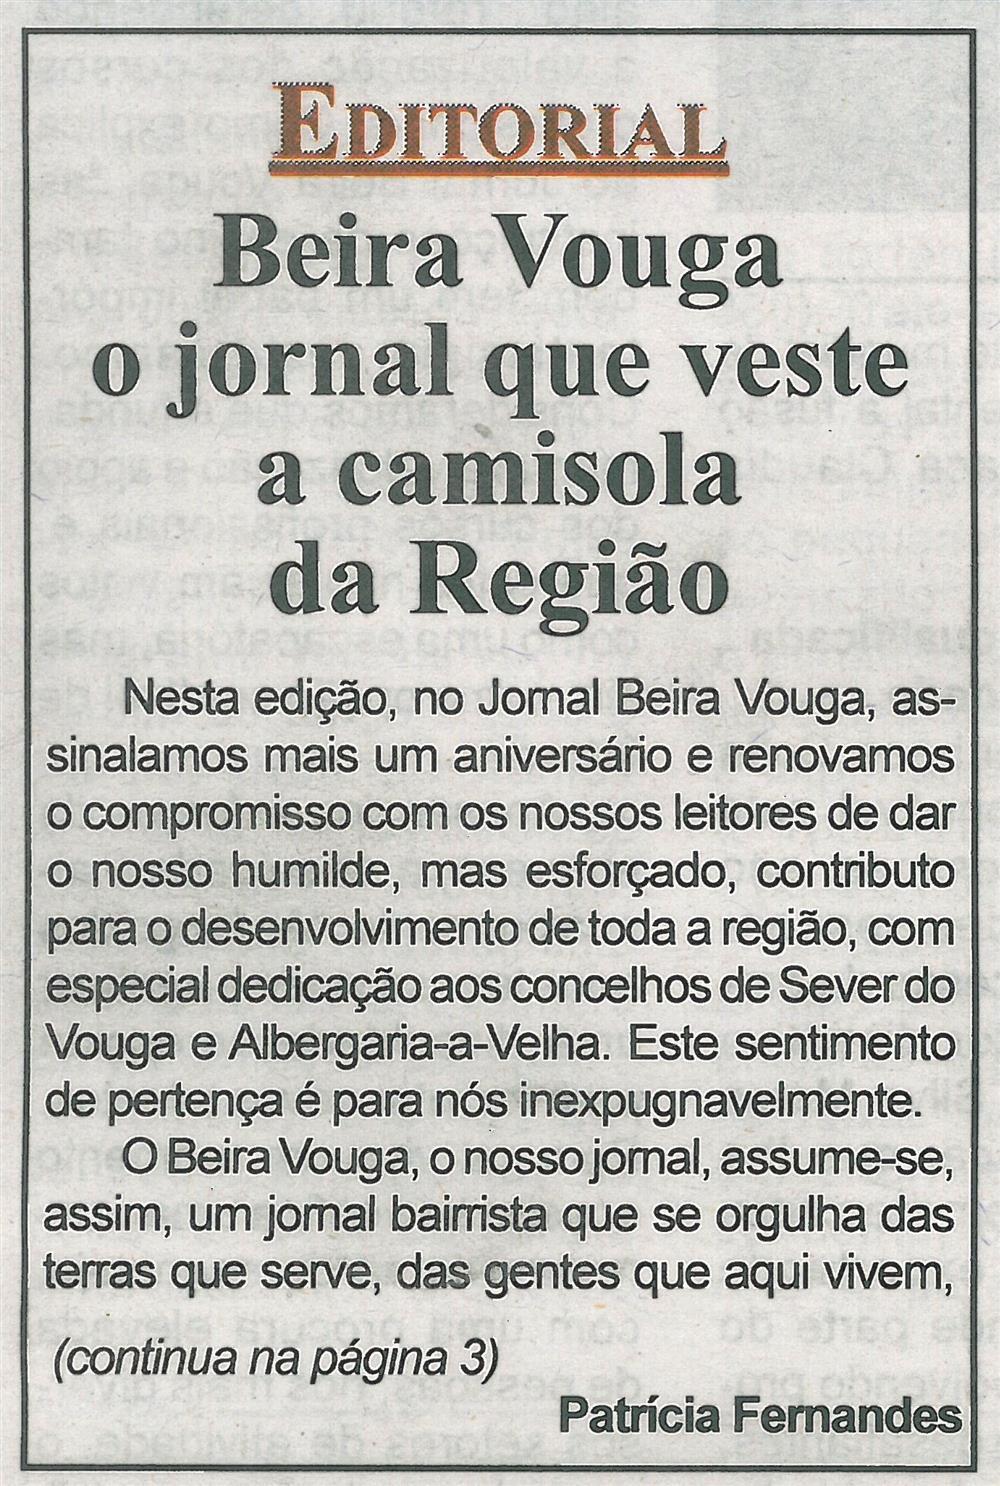 BV-1.ªjul.'18-p.1-Beira Vouga : o jornal que veste a camisola da Região.jpg